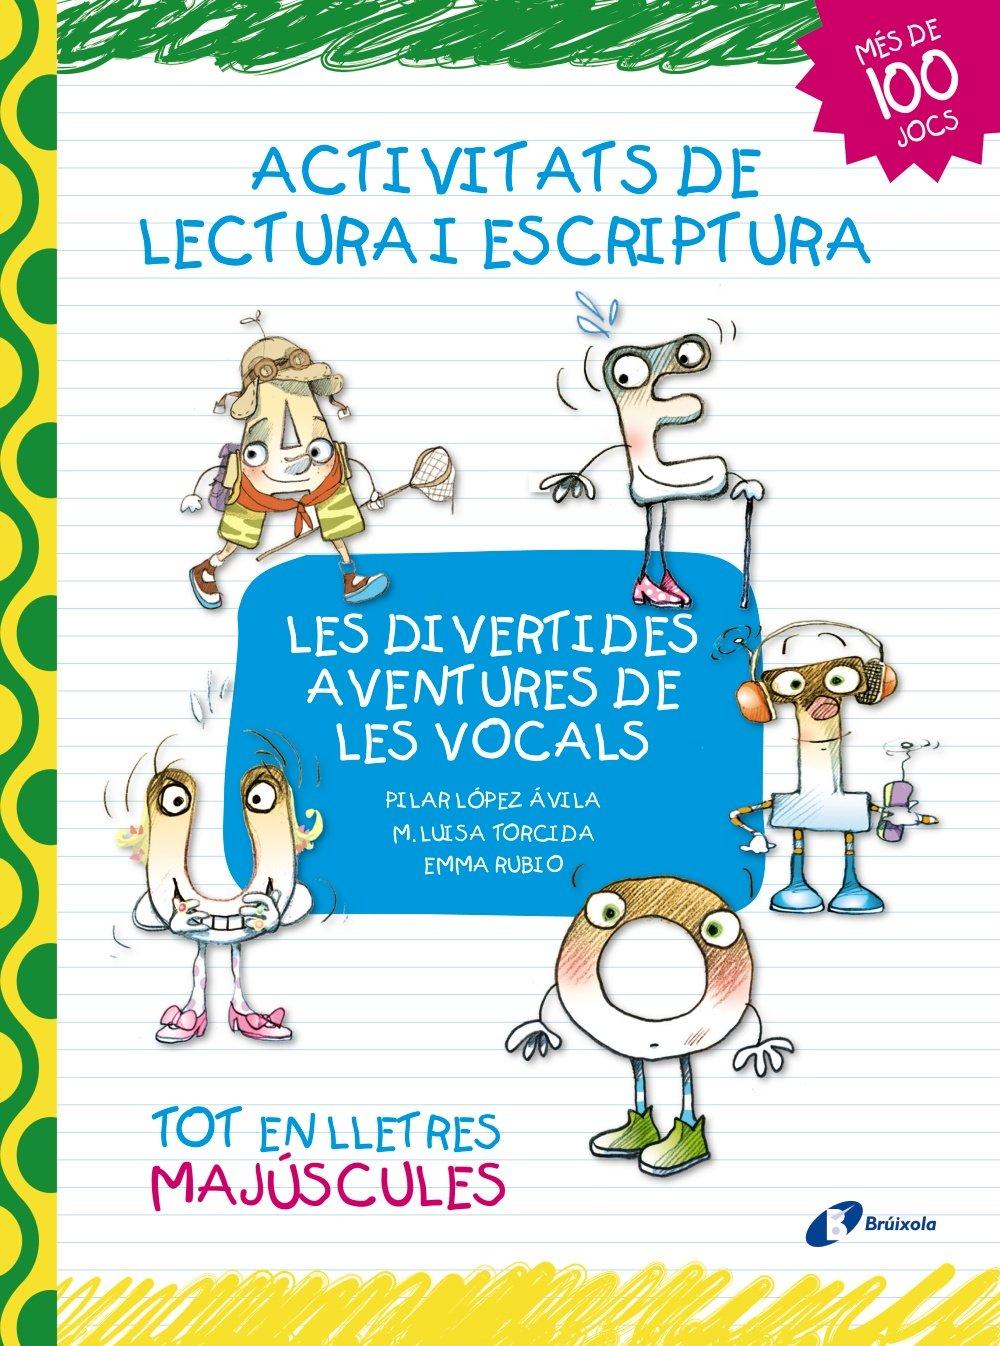 Les divertides aventures de les vocals: Activitats de lectura i escriptura: Amazon.es: López Ávila, Pilar, Torcida, M.ª Luisa, G. Borràs, Marga, Rubio, Emma: Libros